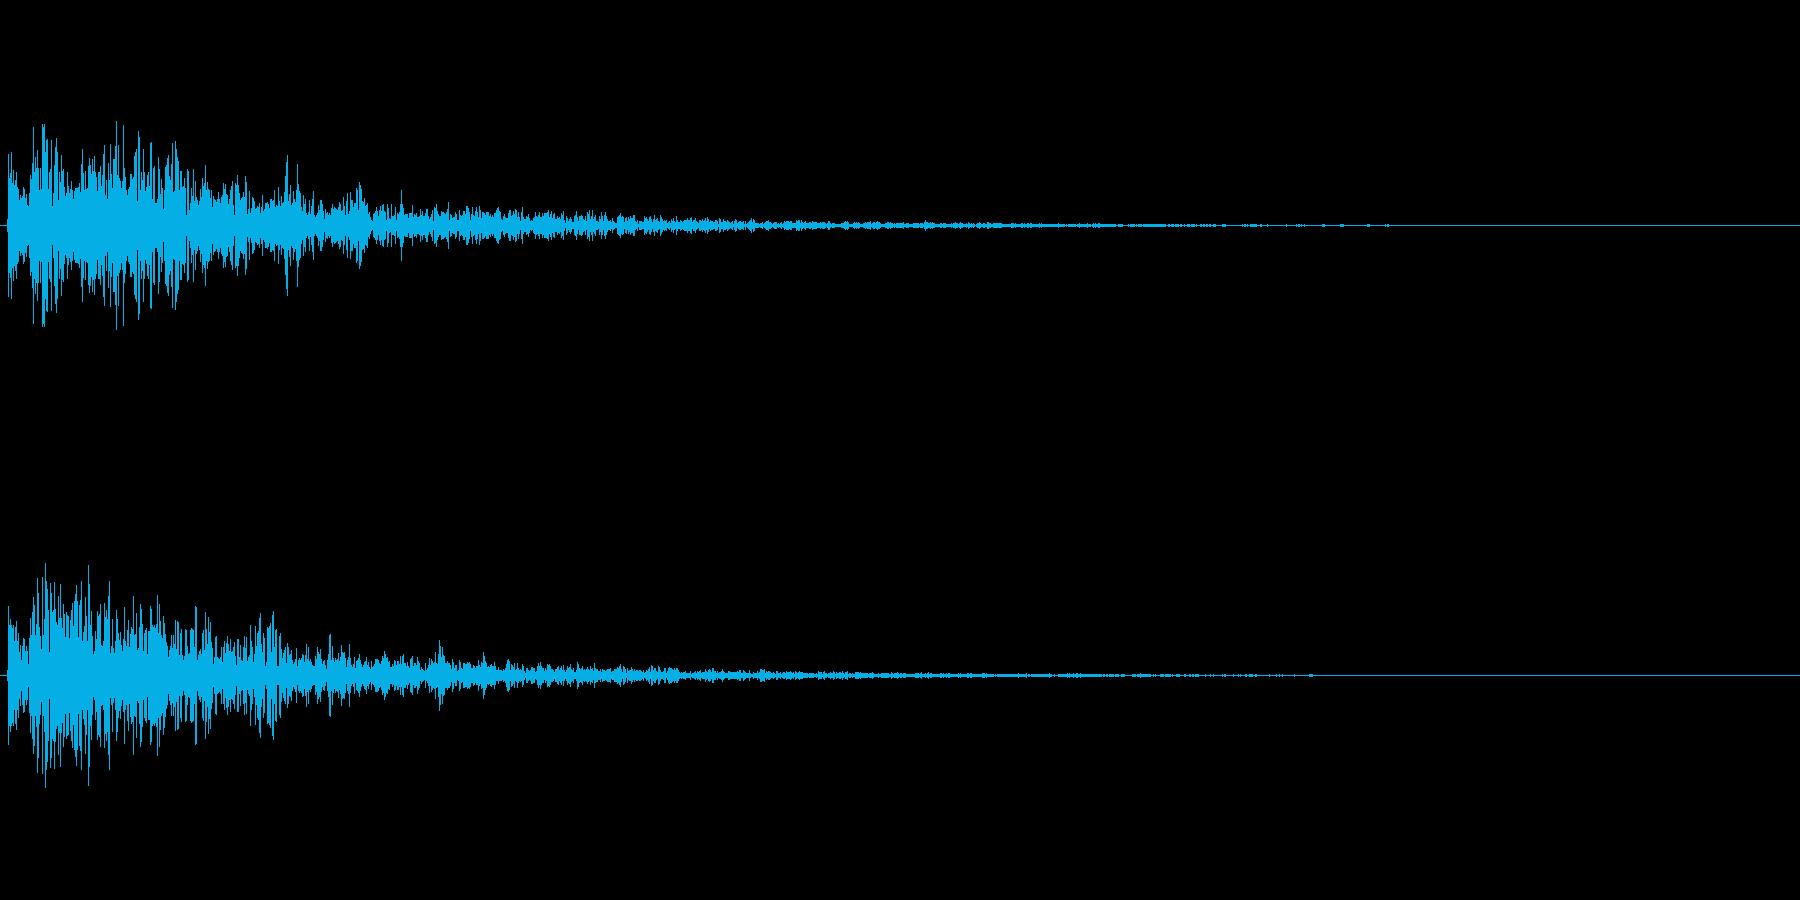 ドーン!(アニメなどの決めの音/衝撃音)の再生済みの波形